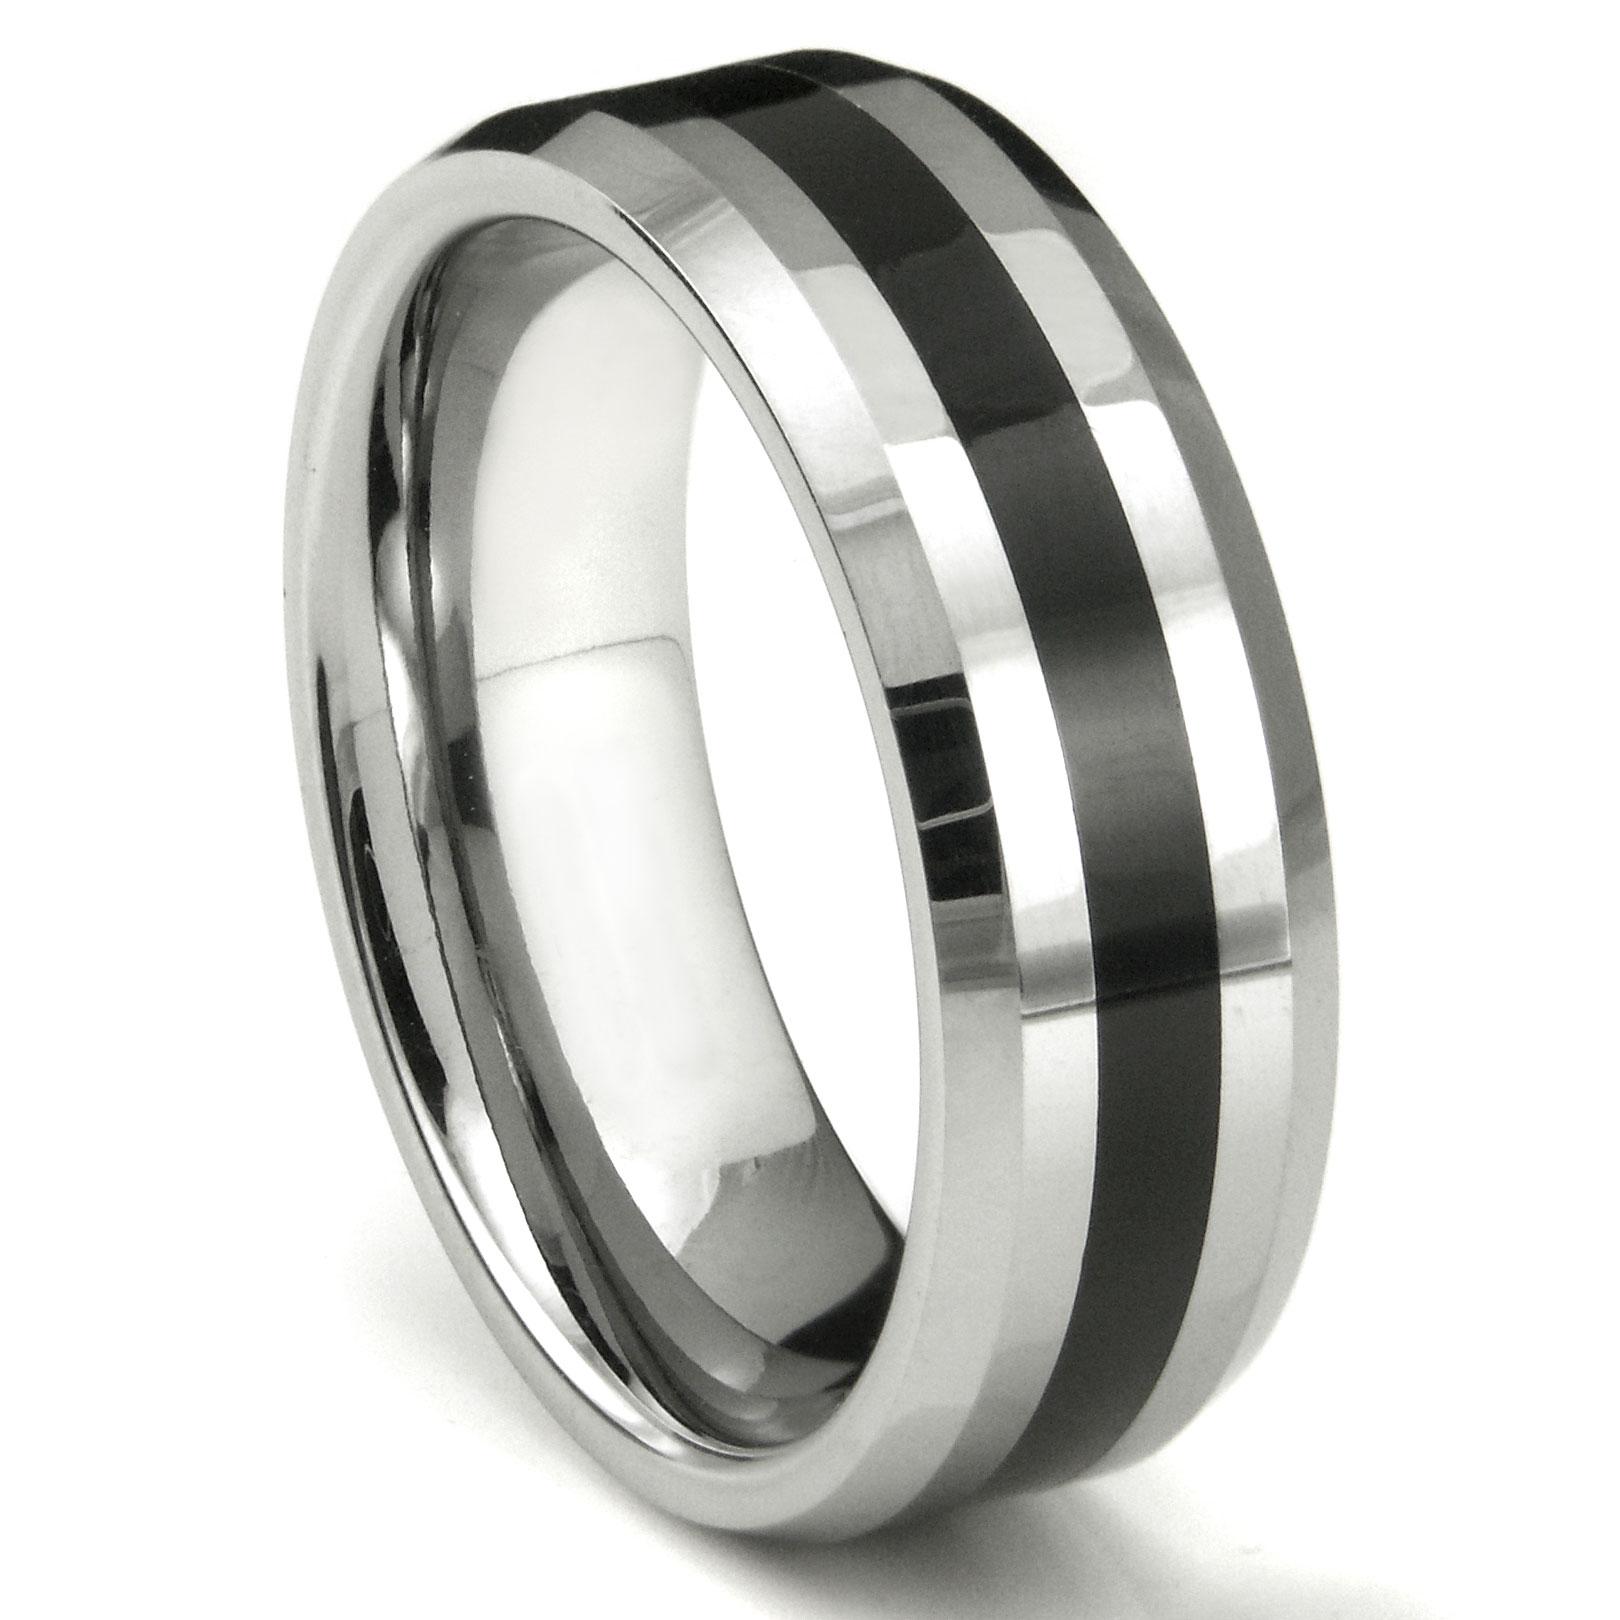 LONZO Tungsten Carbide Wedding Ring